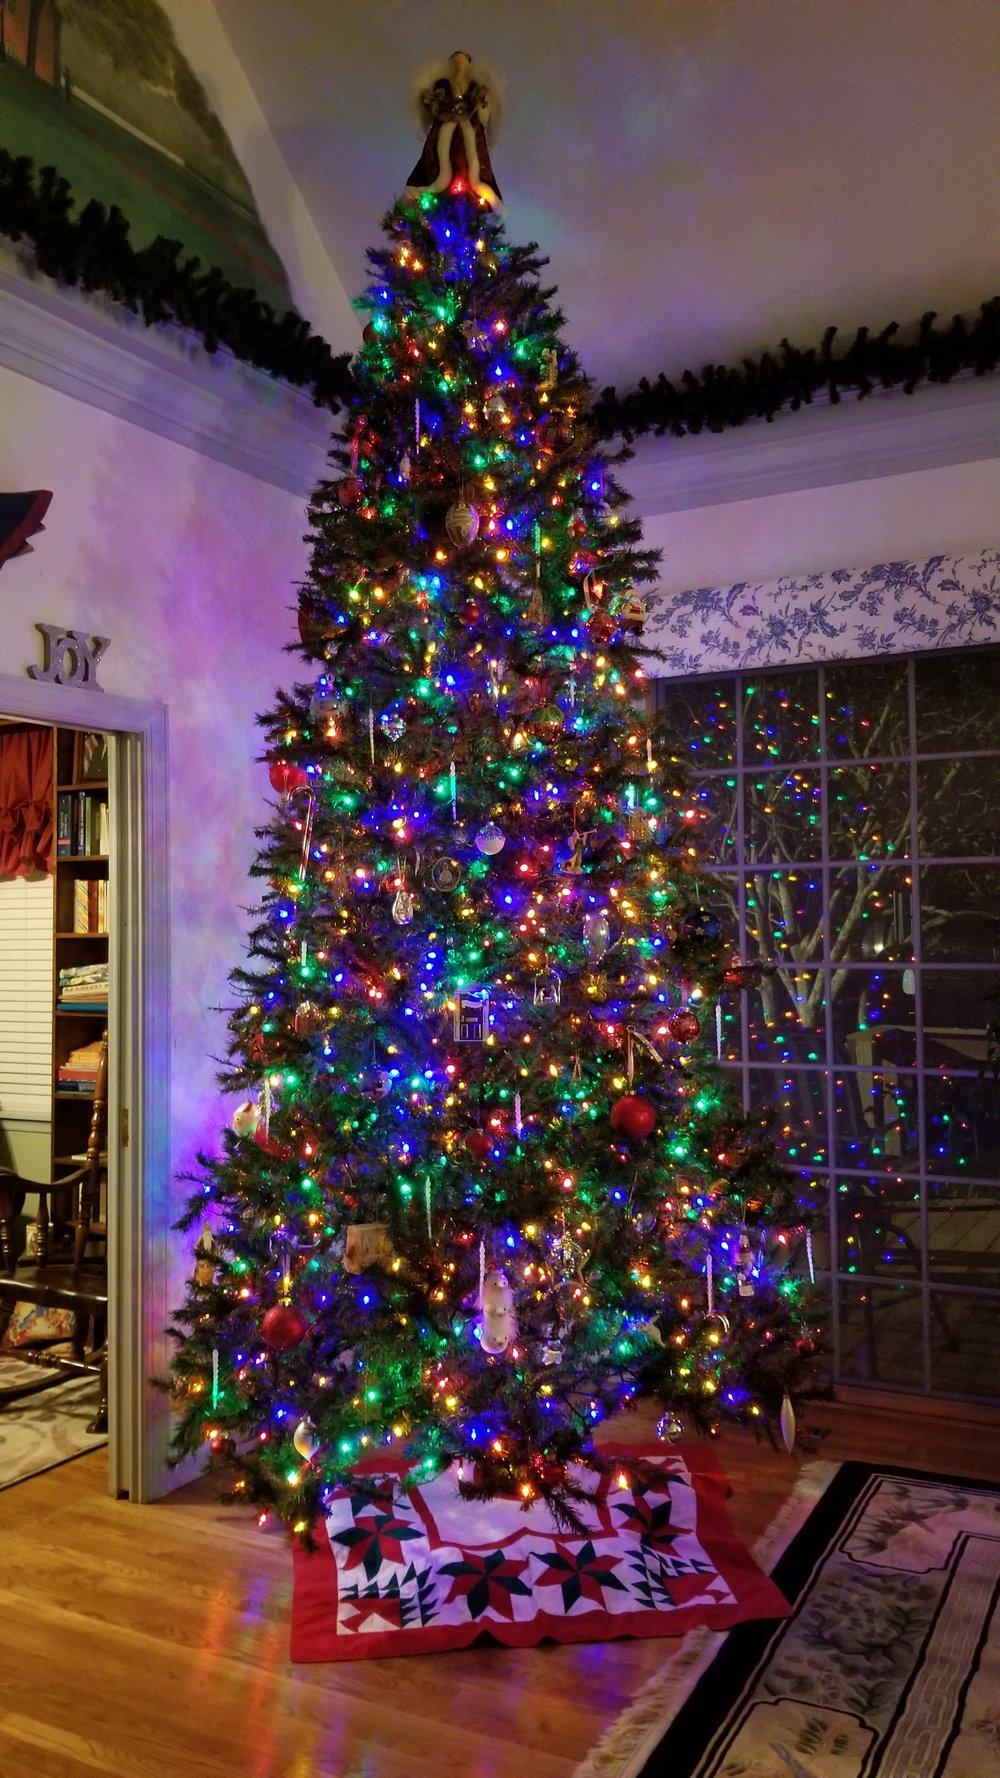 2018 Christmas Tree.jpg